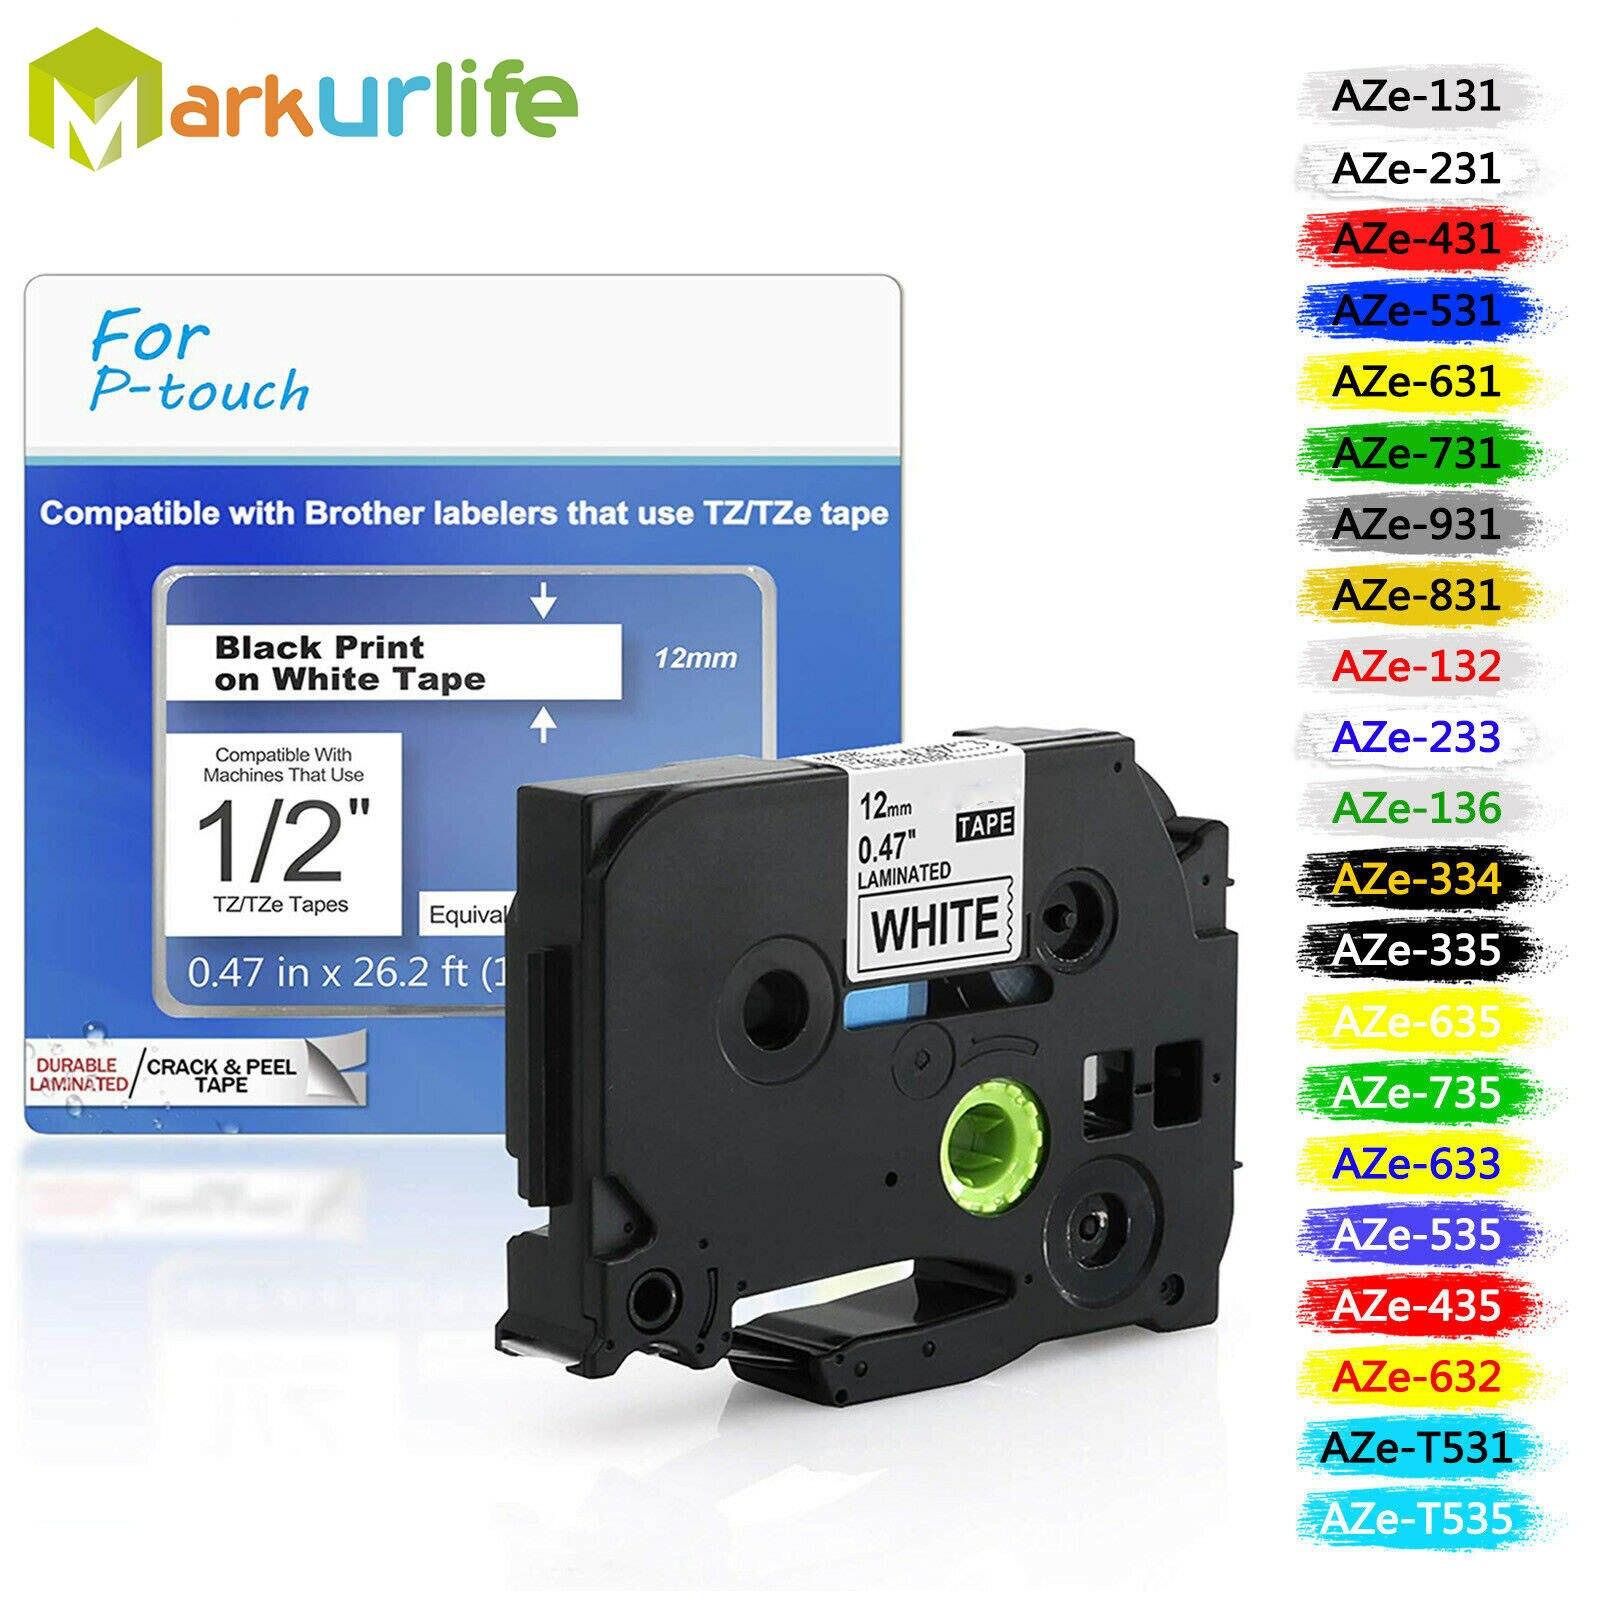 Лента для маркировки tze, совместимая с принтерами Brother P-touch, 31 цвет, Tze231, 12 мм, для Brother P Touch, Tze, Этикетировочная машина, PT, tz231, tze 231